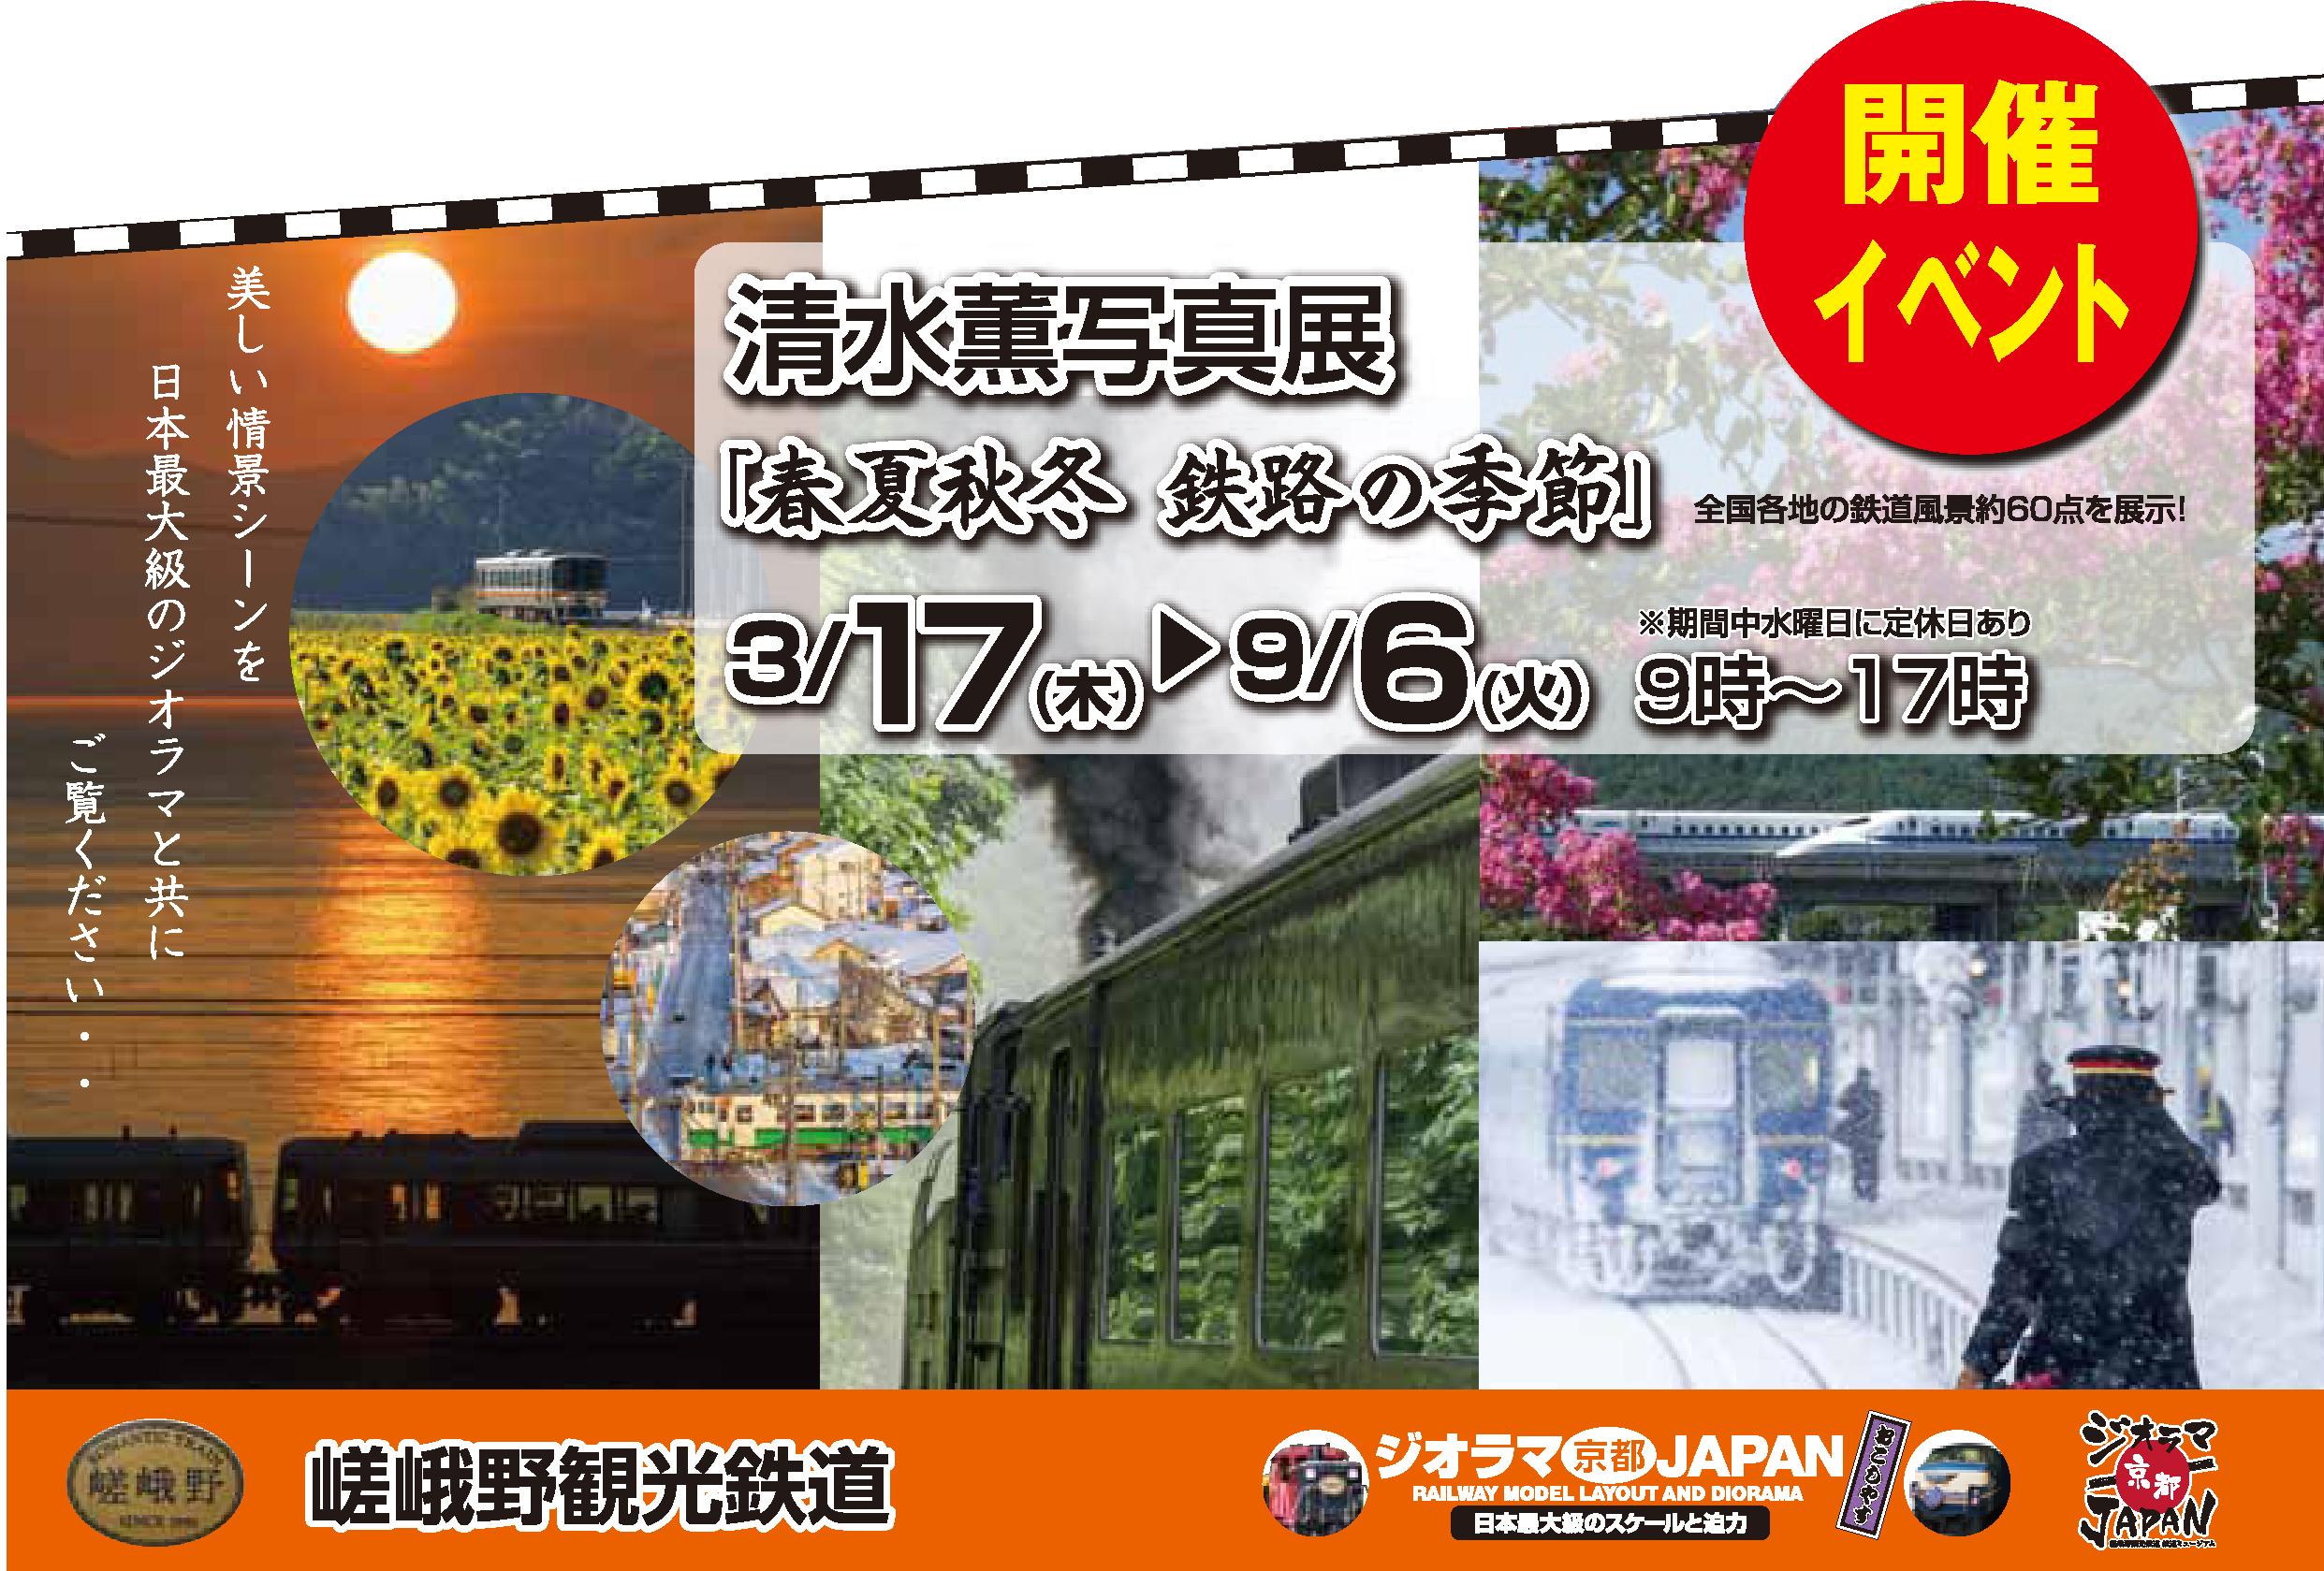 嵯峨野観光鉄道 清水薫写真展